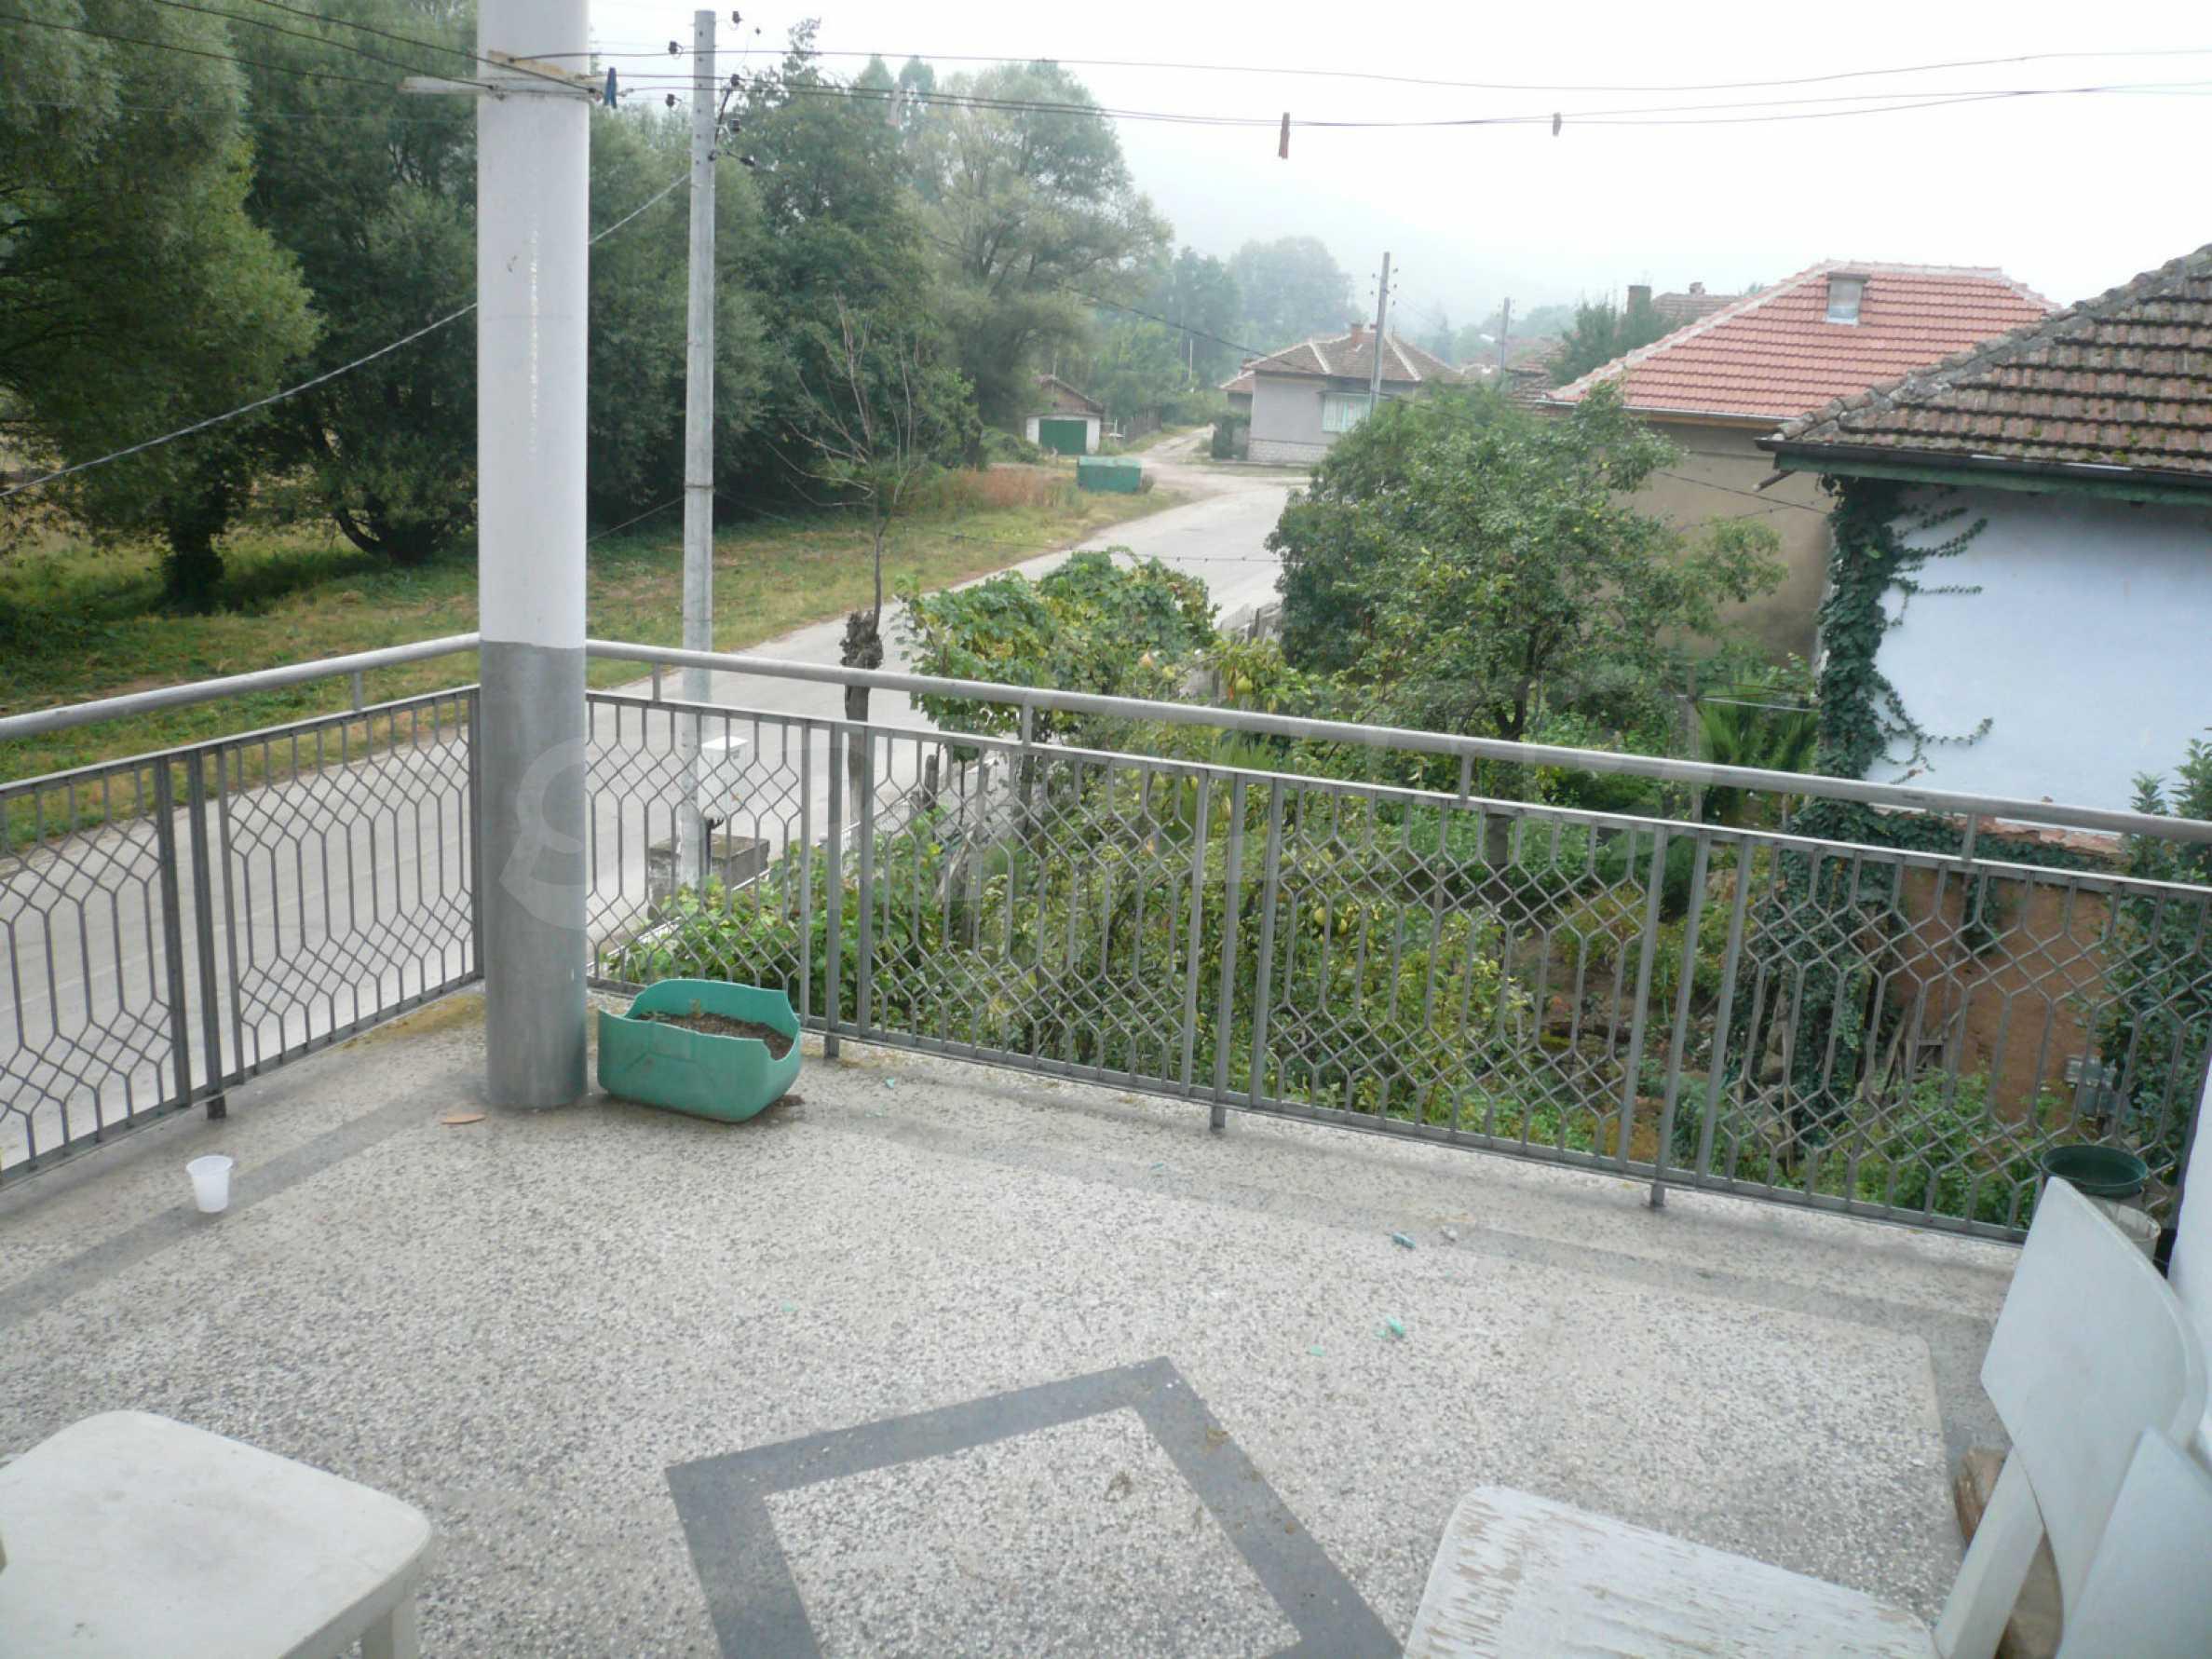 Wunderschönes massives Haus 27 km von Belogradchik entfernt 15